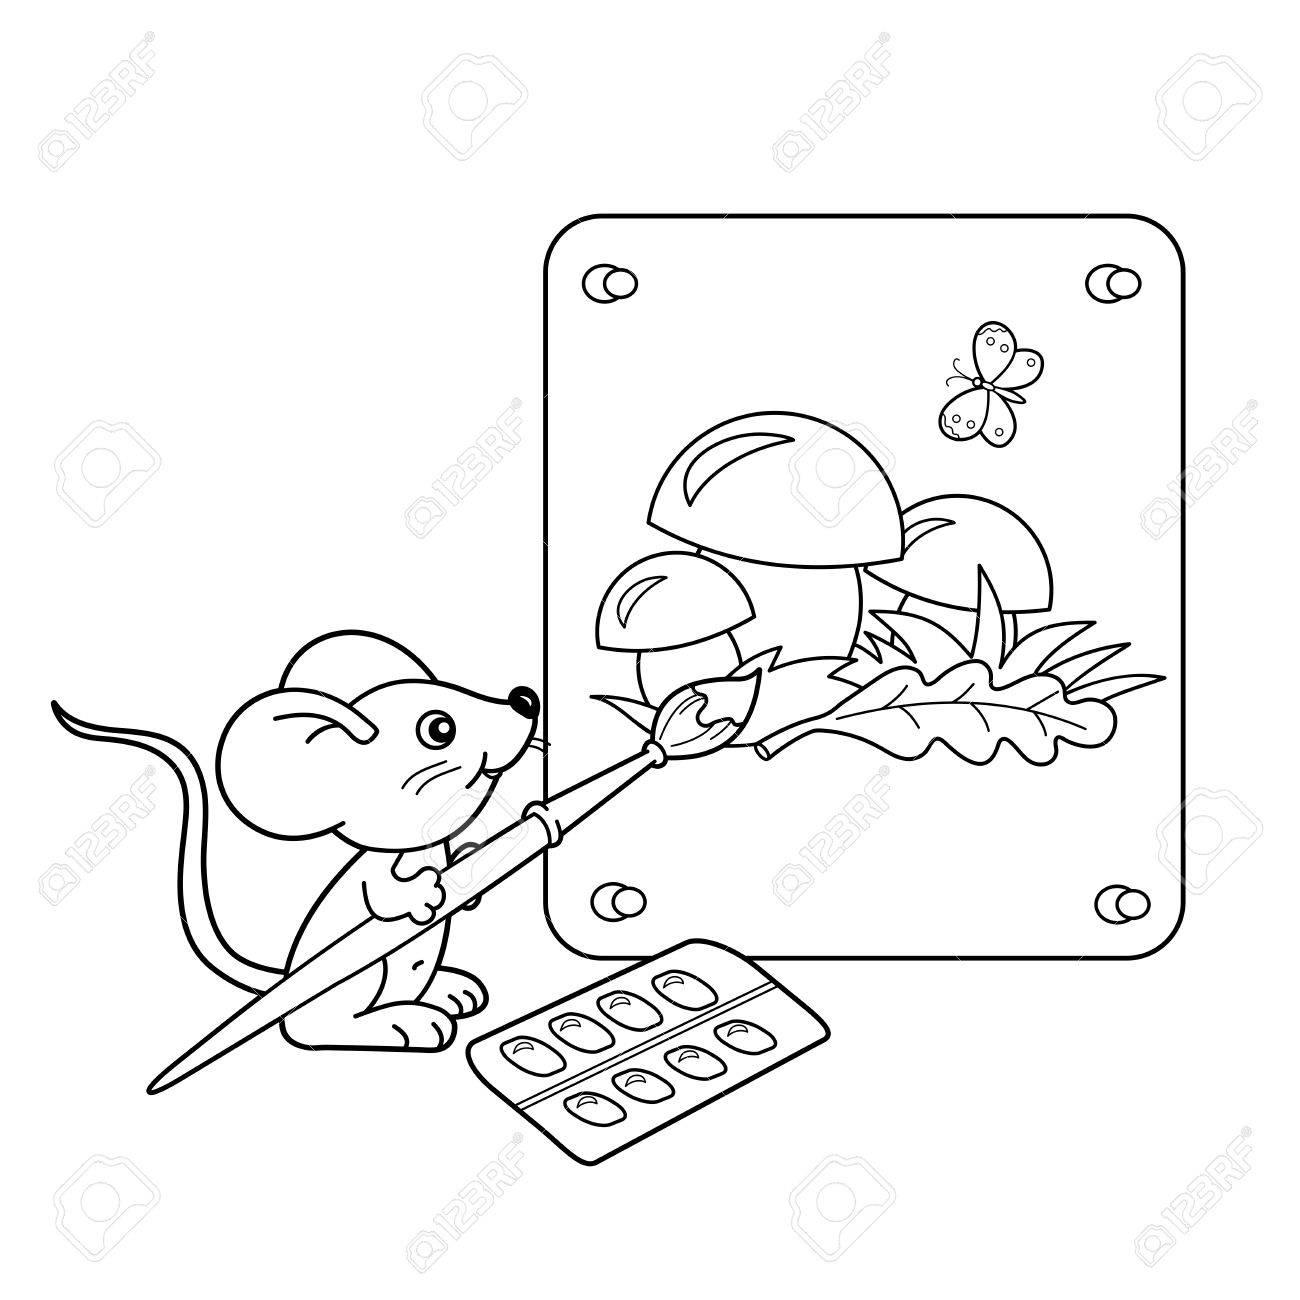 Fein Maus Färbung Seite Zeitgenössisch - Malvorlagen Von Tieren ...